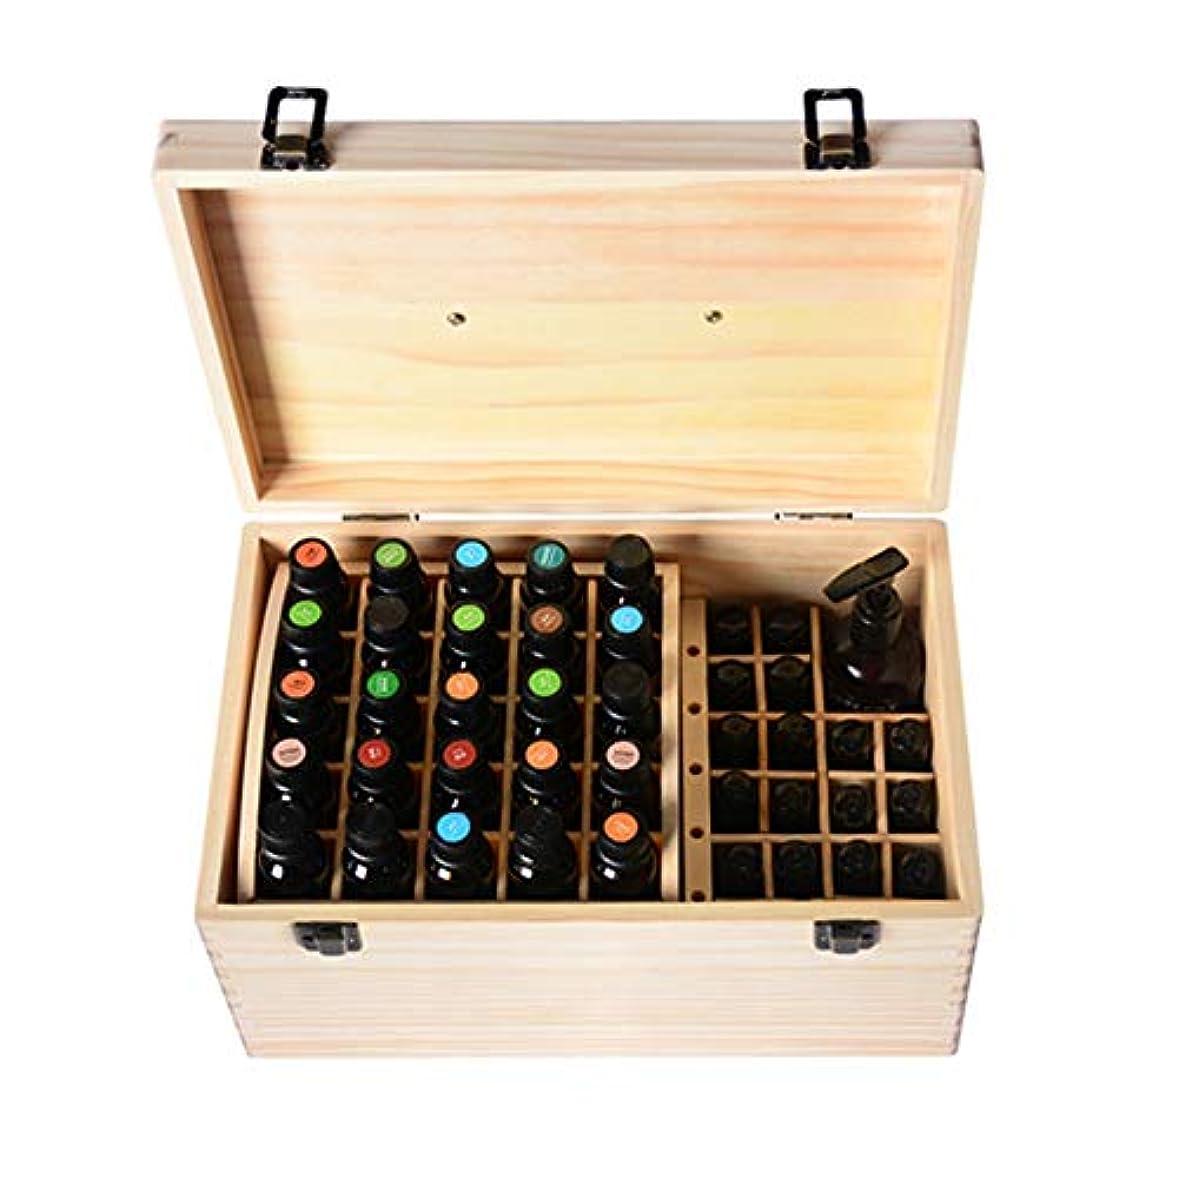 スクラブ花キャプチャー74スロット木エッセンシャルオイルボックス収納ケース内部のリムーバブルは15/10 M1のボトルナチュラルパインを開催します アロマセラピー製品 (色 : Natural, サイズ : 35X20X16.5CM)